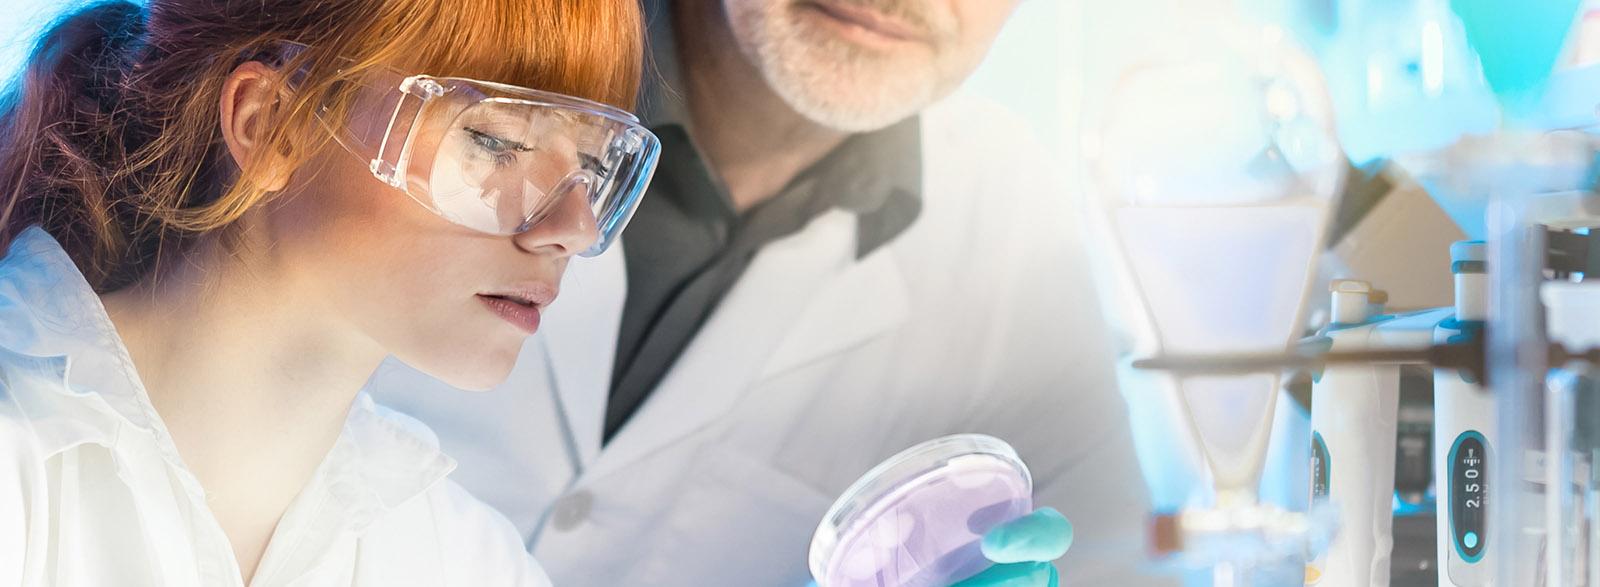 Acerca de nosotros: Laboratorio de análisis alimentarios y farmacéuticos en Bremen, Alemania. Analizamos miel, café, té, jarabe de agave, cáñamo y cannabis, así como las condiciones GMP.